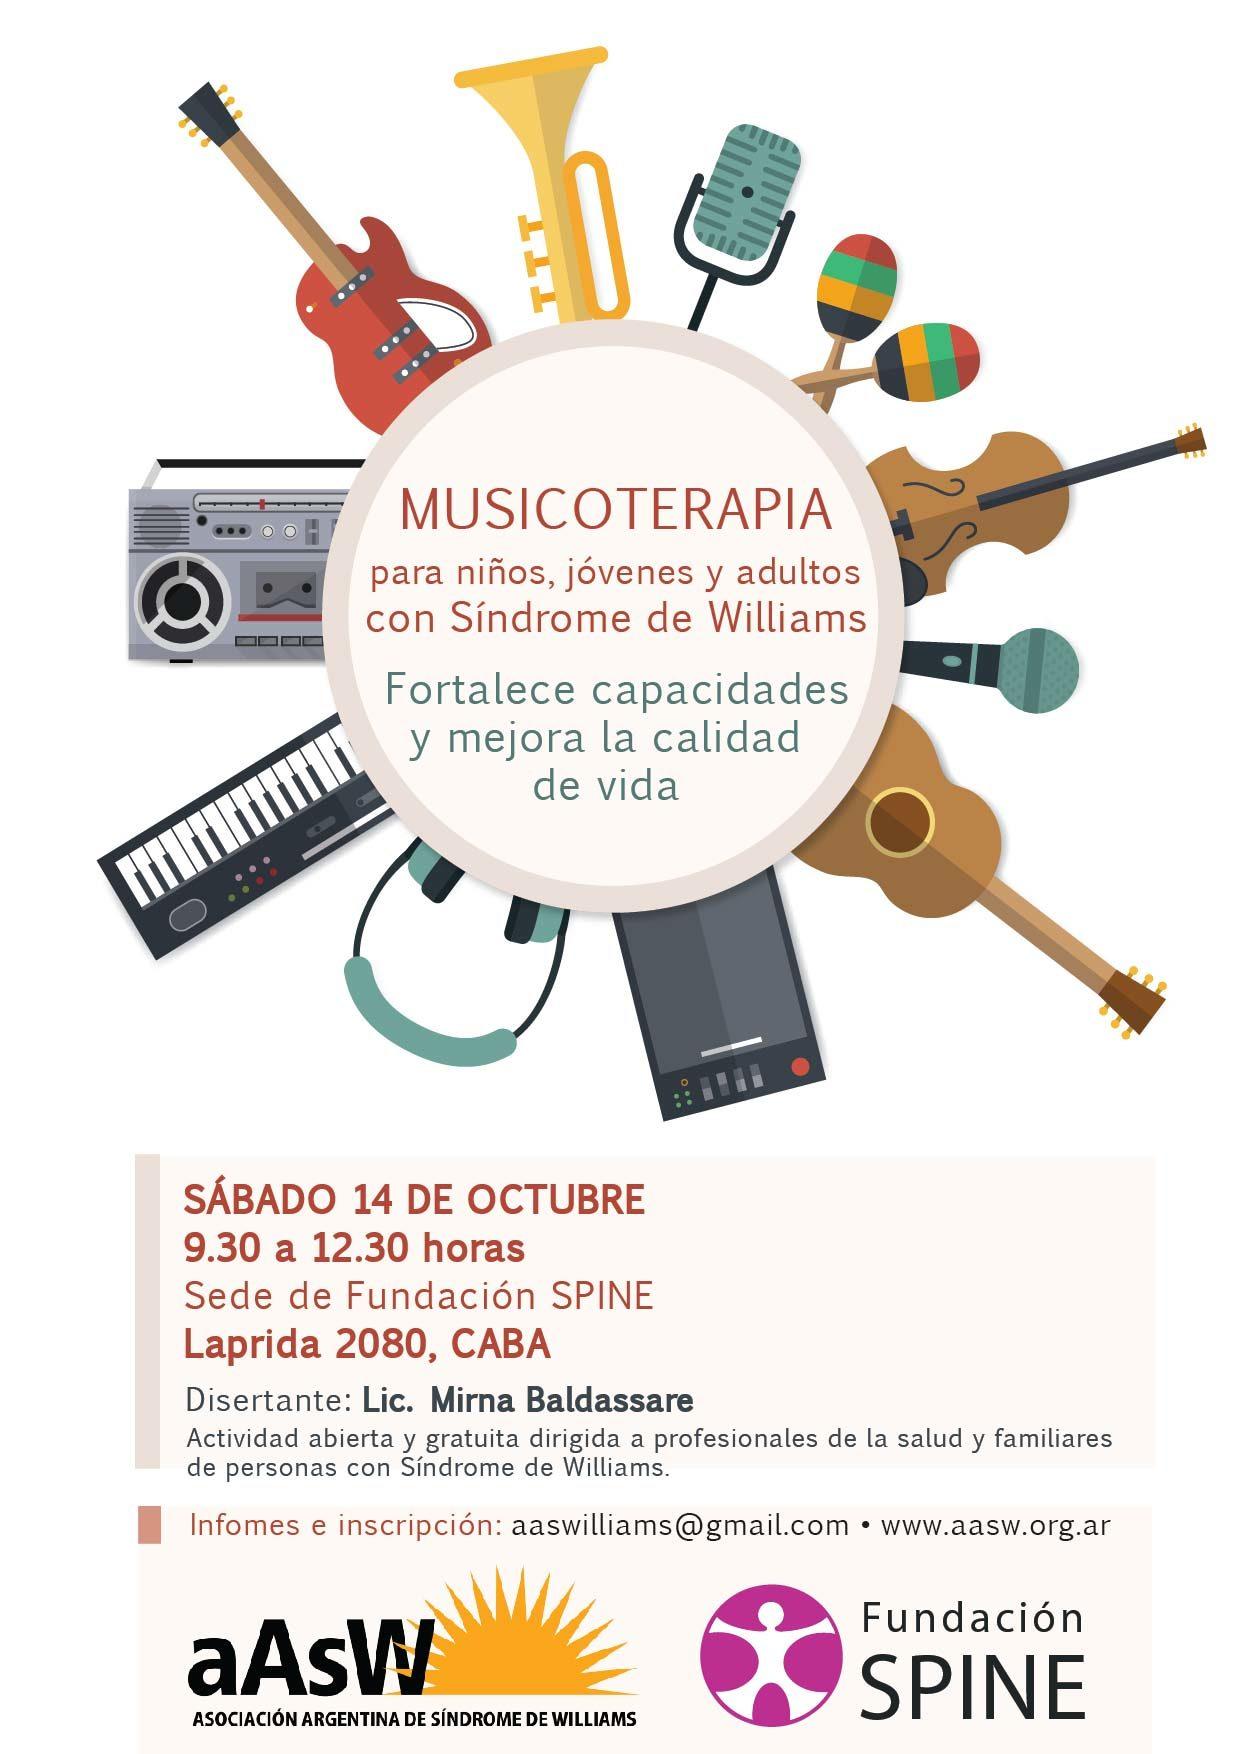 Musicoterapia - Sindrome de Williams